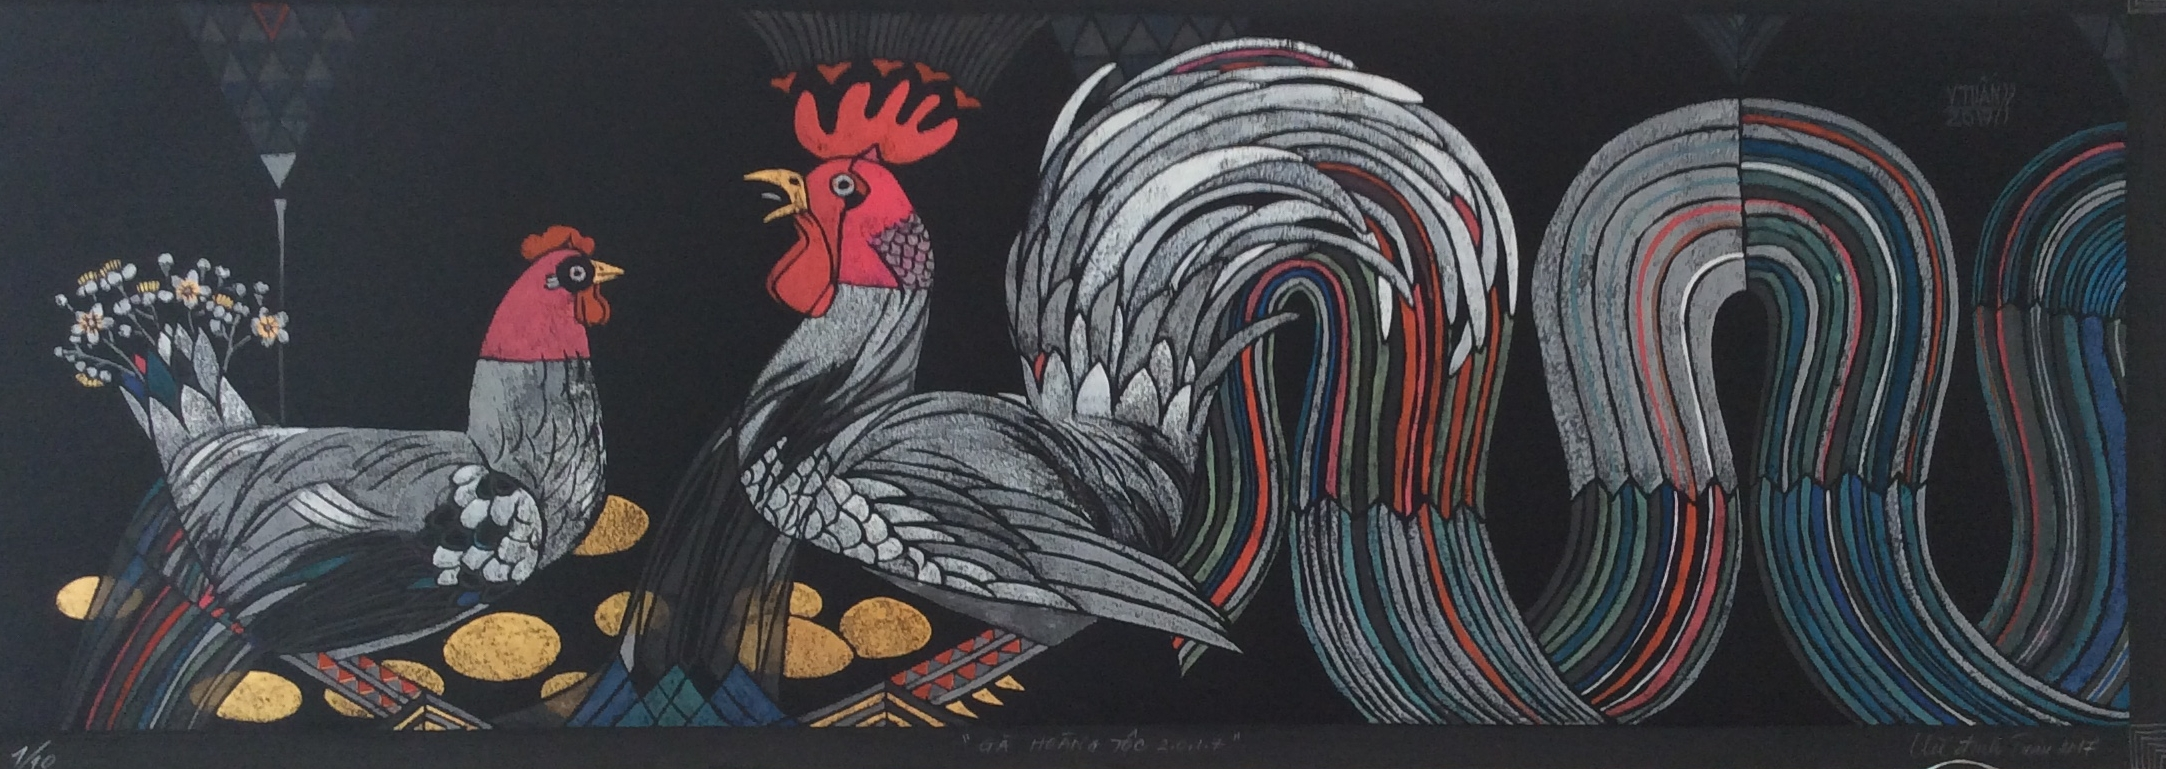 Royal Chicken No. 2   Gà Hoàng Tộc No. 2